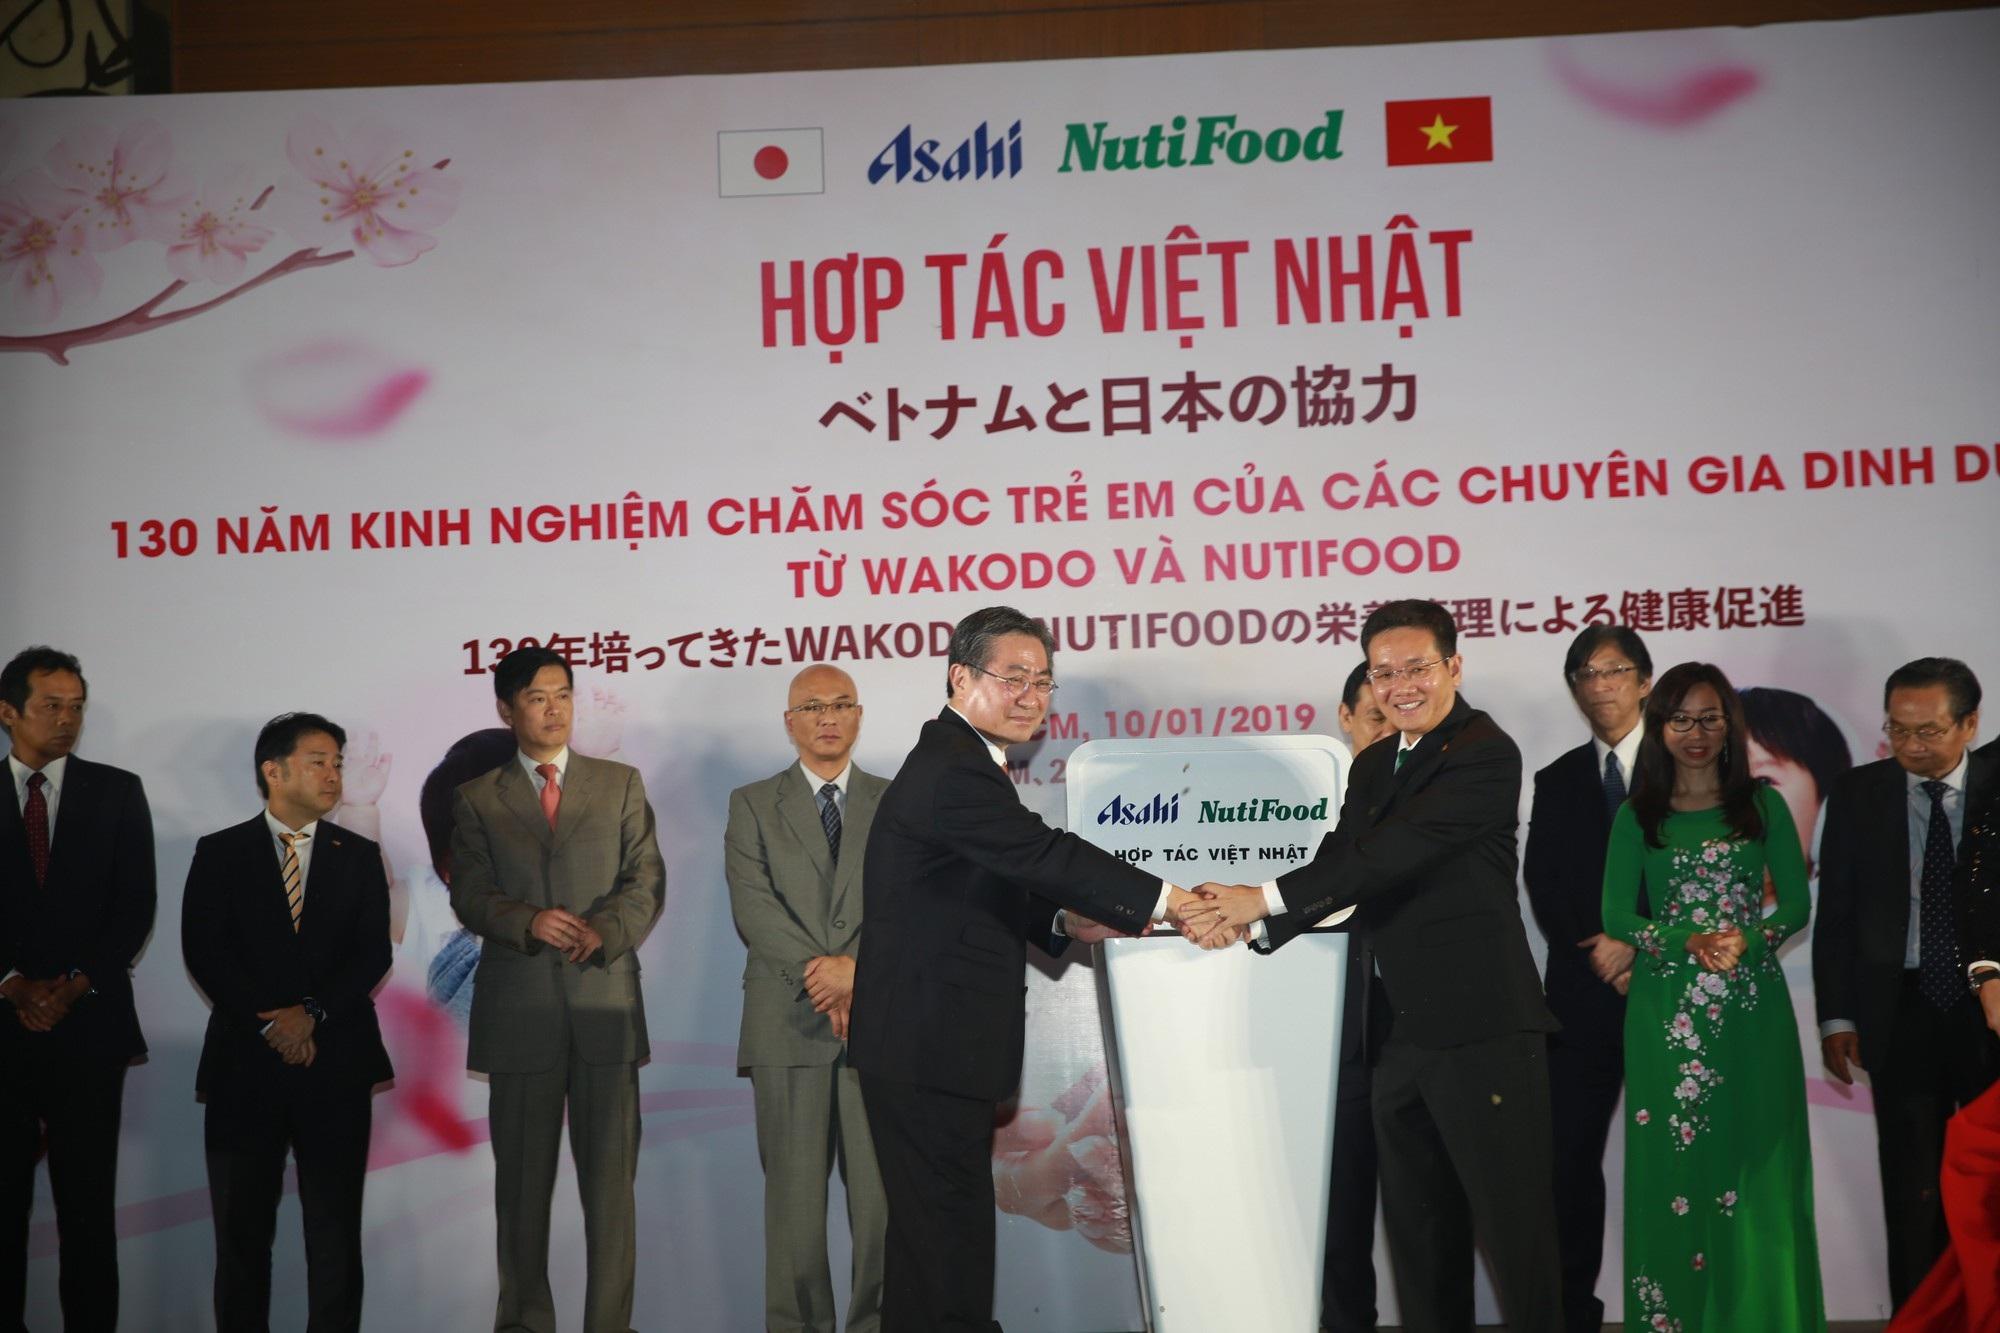 Trẻ em Việt Nam có cơ hội sử dụng sản phẩm dinh dưỡng hàng đầu Nhật Bản - Ảnh 1.